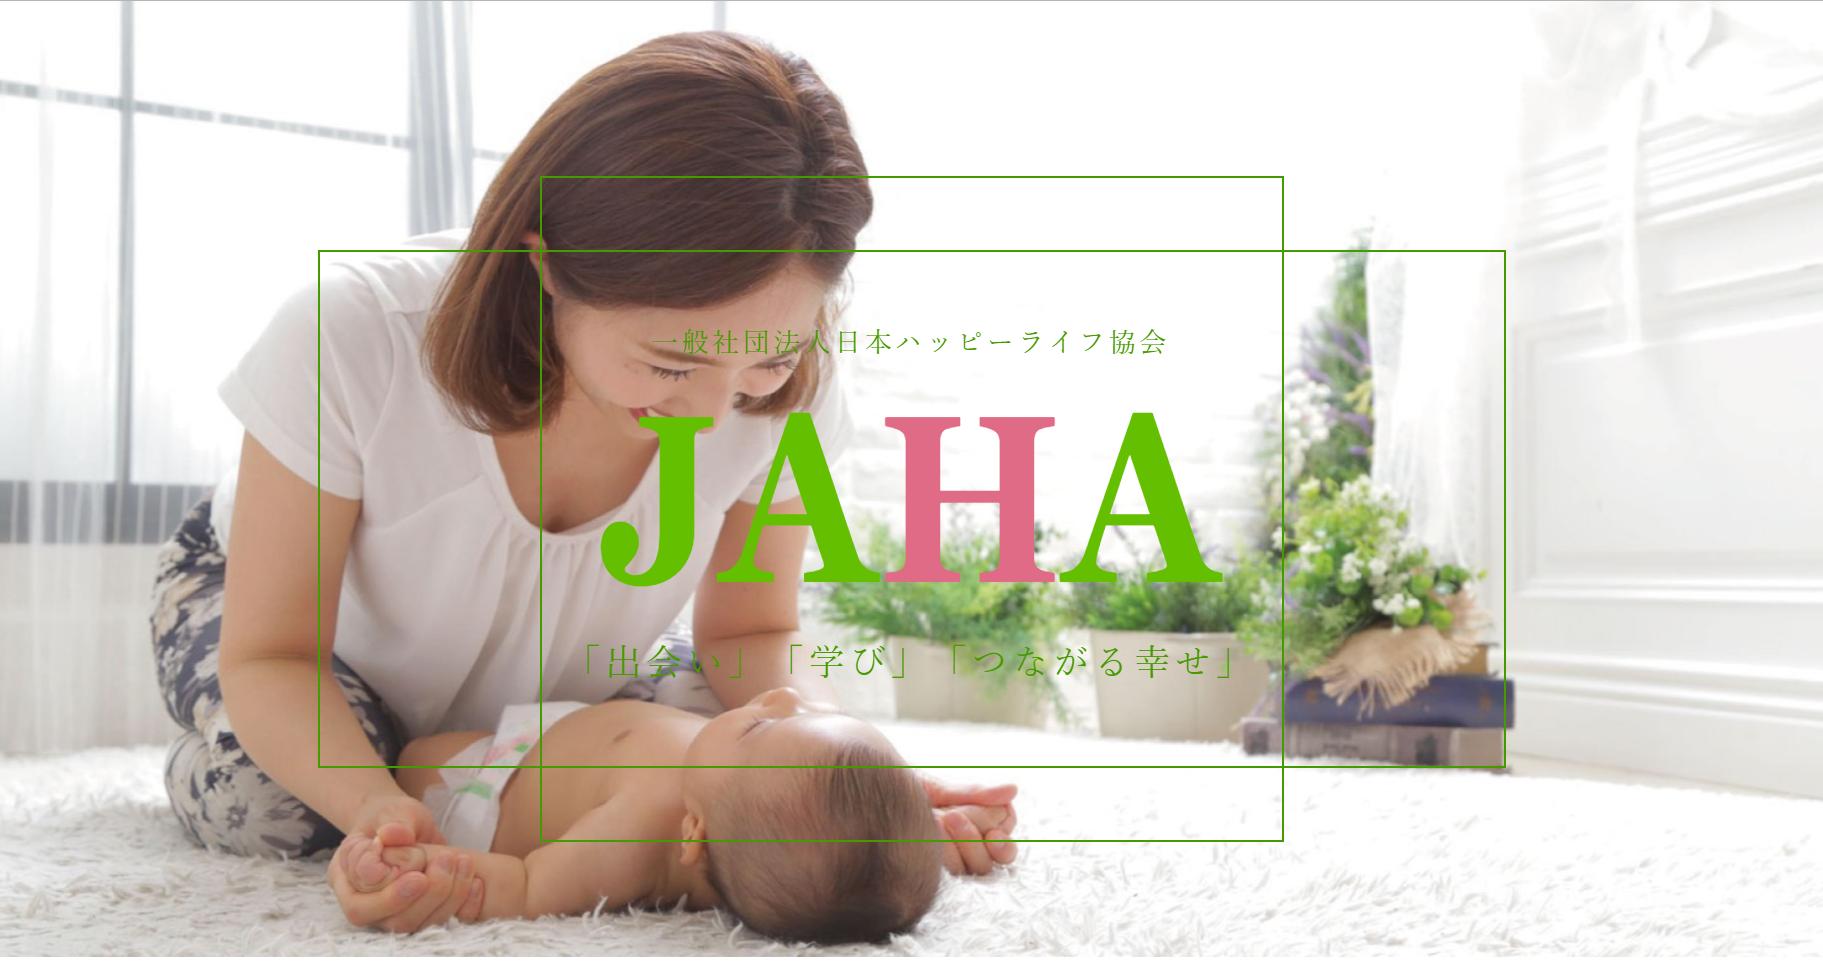 赤ちゃんマッサージをする女性